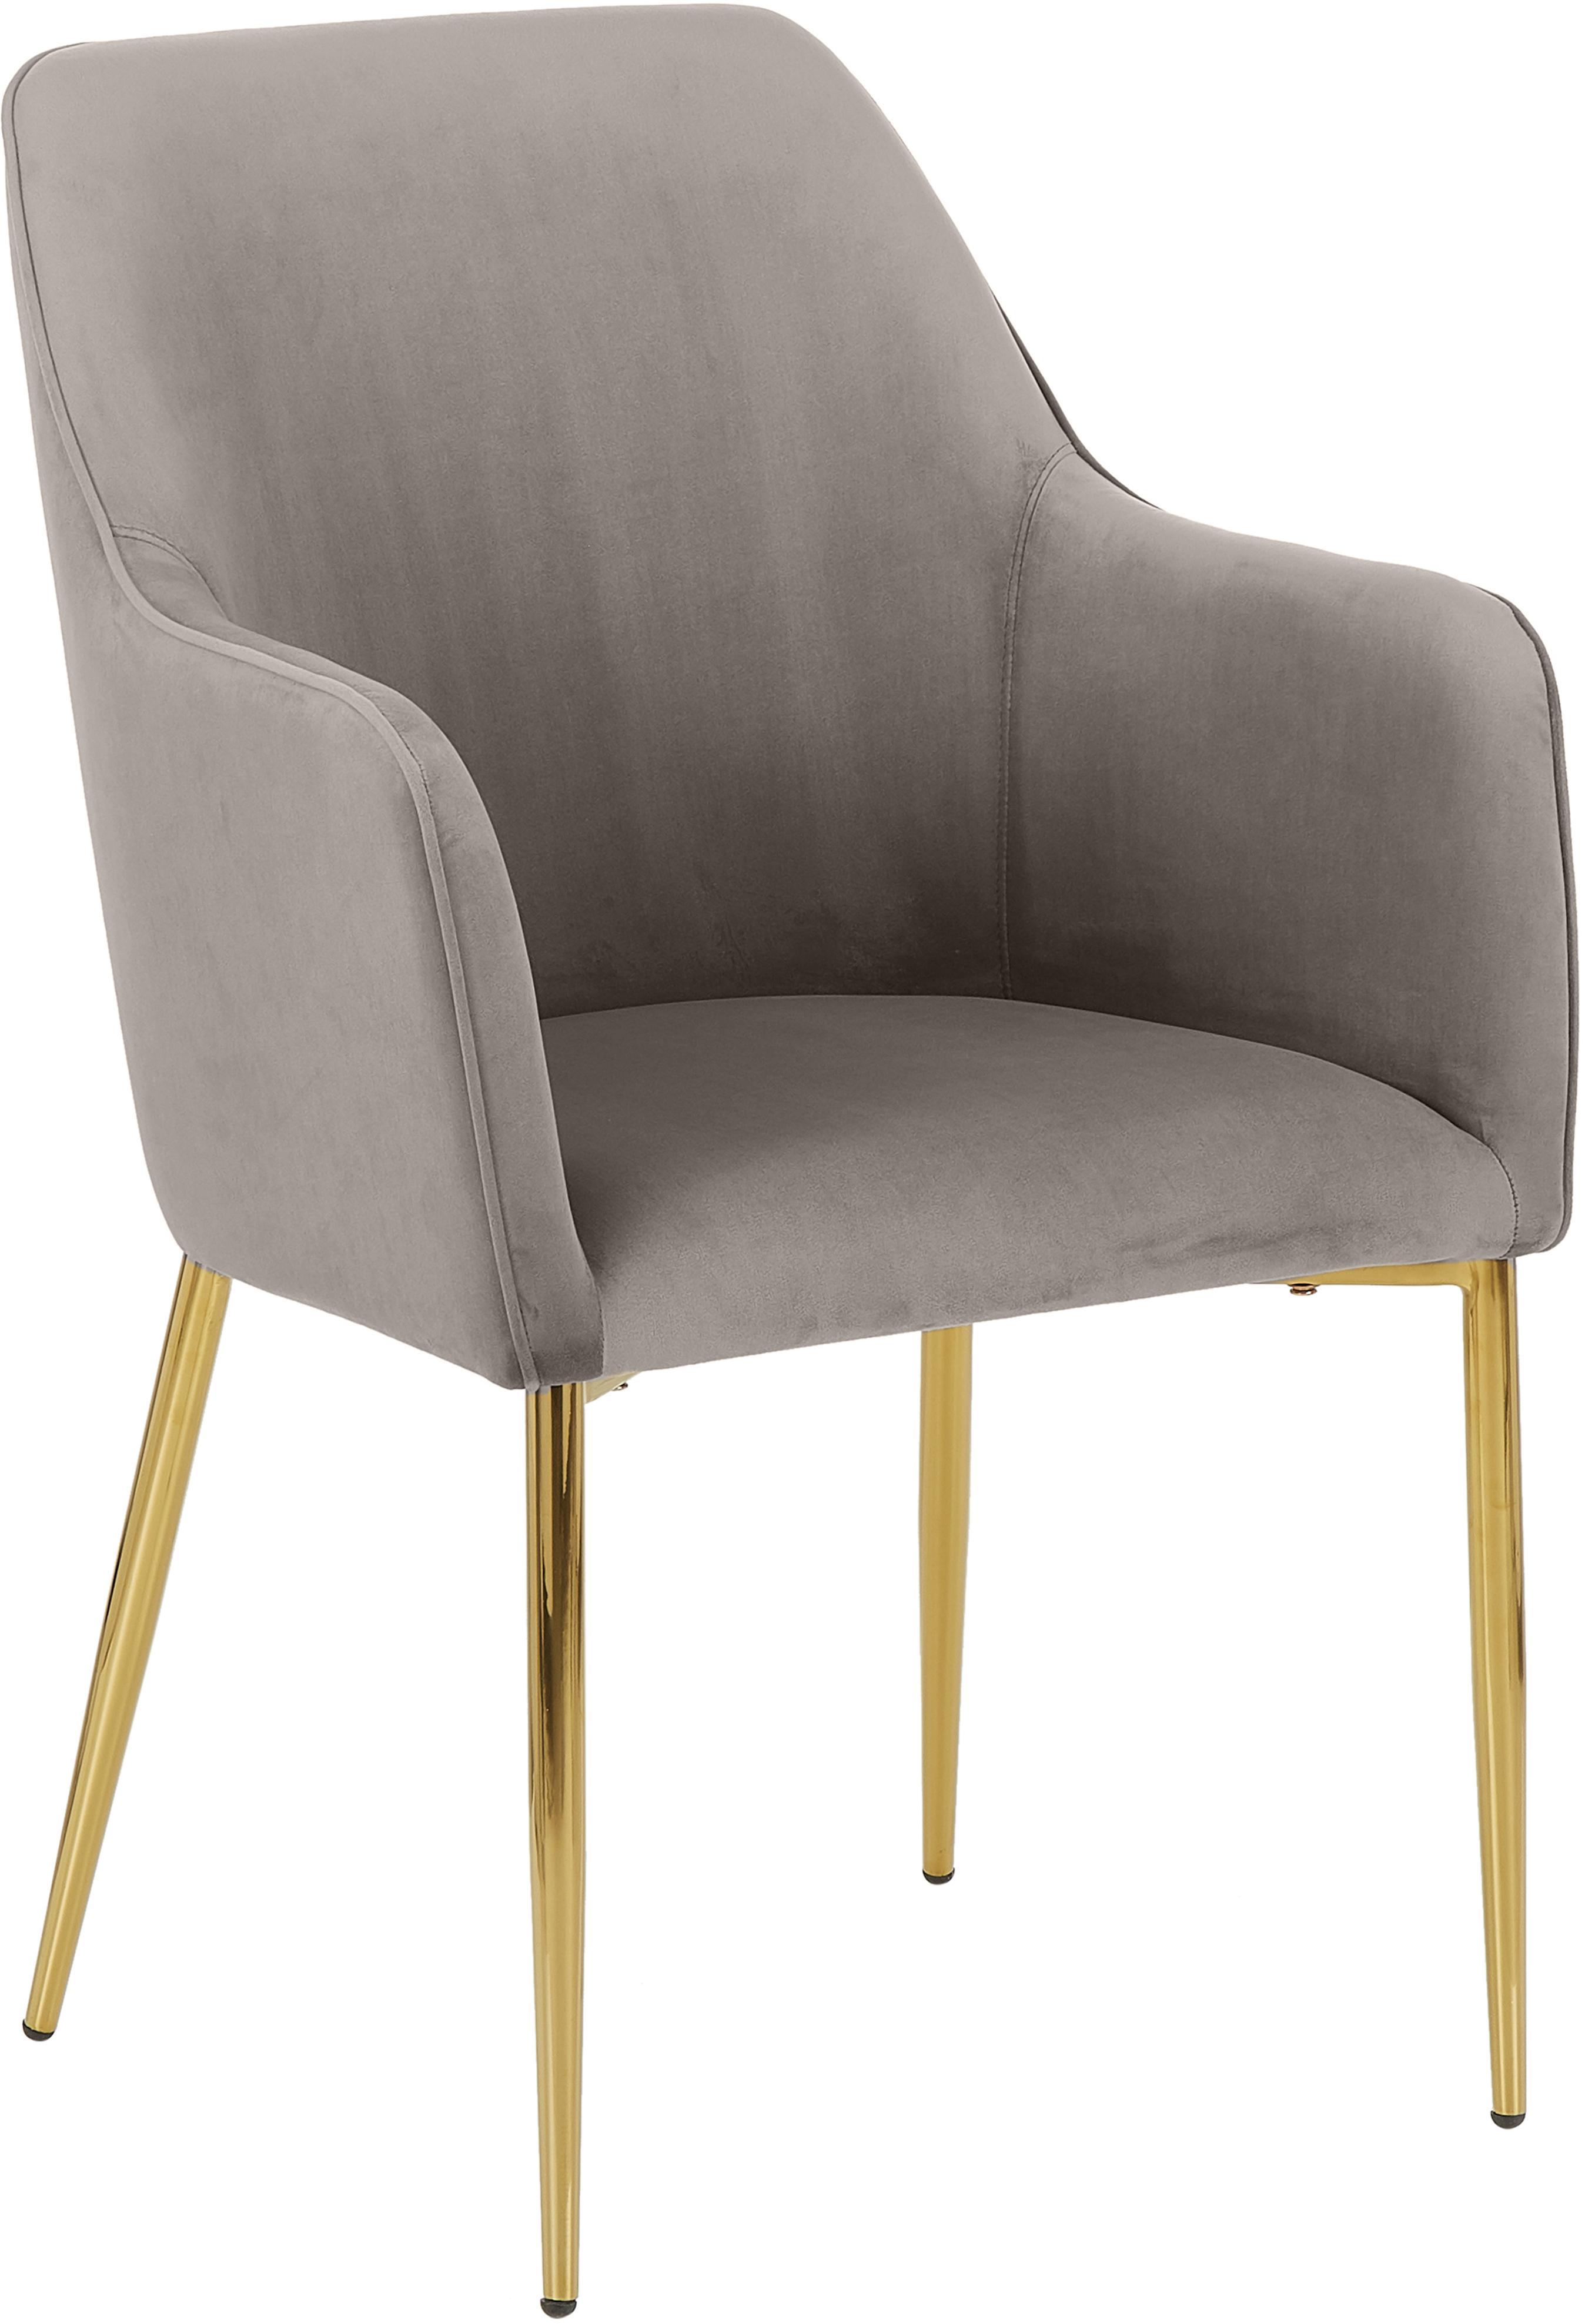 Krzesło z podłokietnikami  z aksamitu Ava, Tapicerka: aksamit (poliester) 5000, Nogi: metal galwanizowany, Taupe, S 57 x G 62 cm